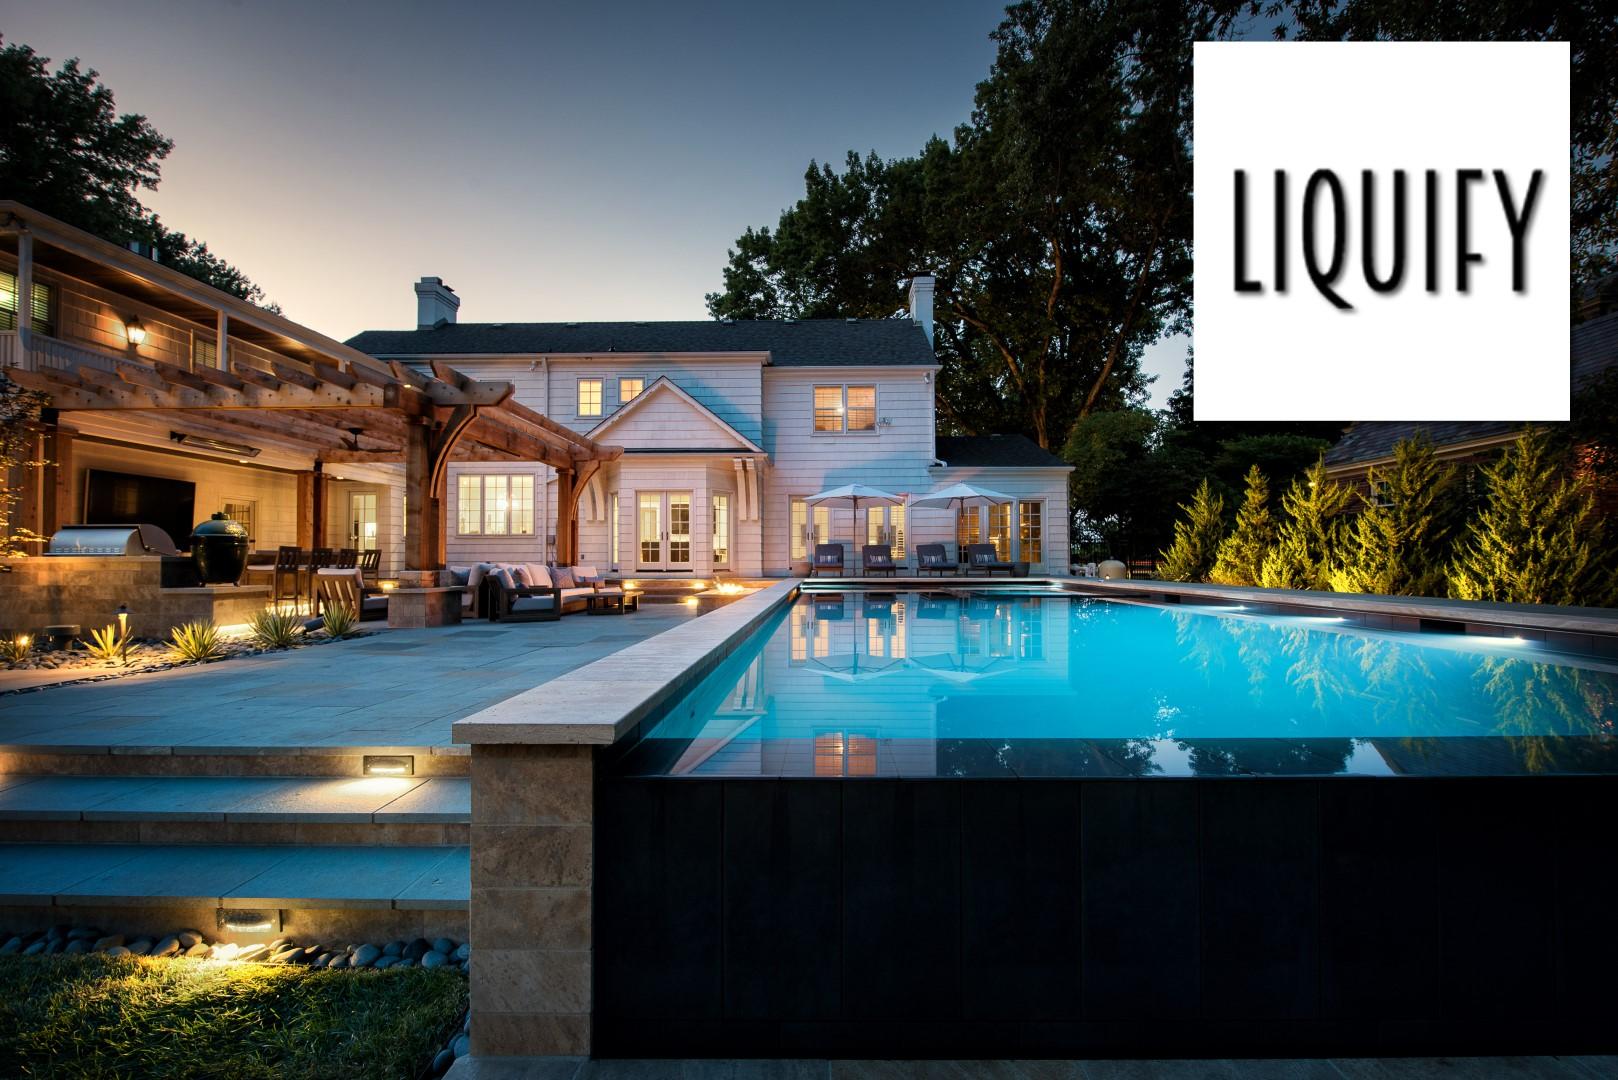 Liquify Pools